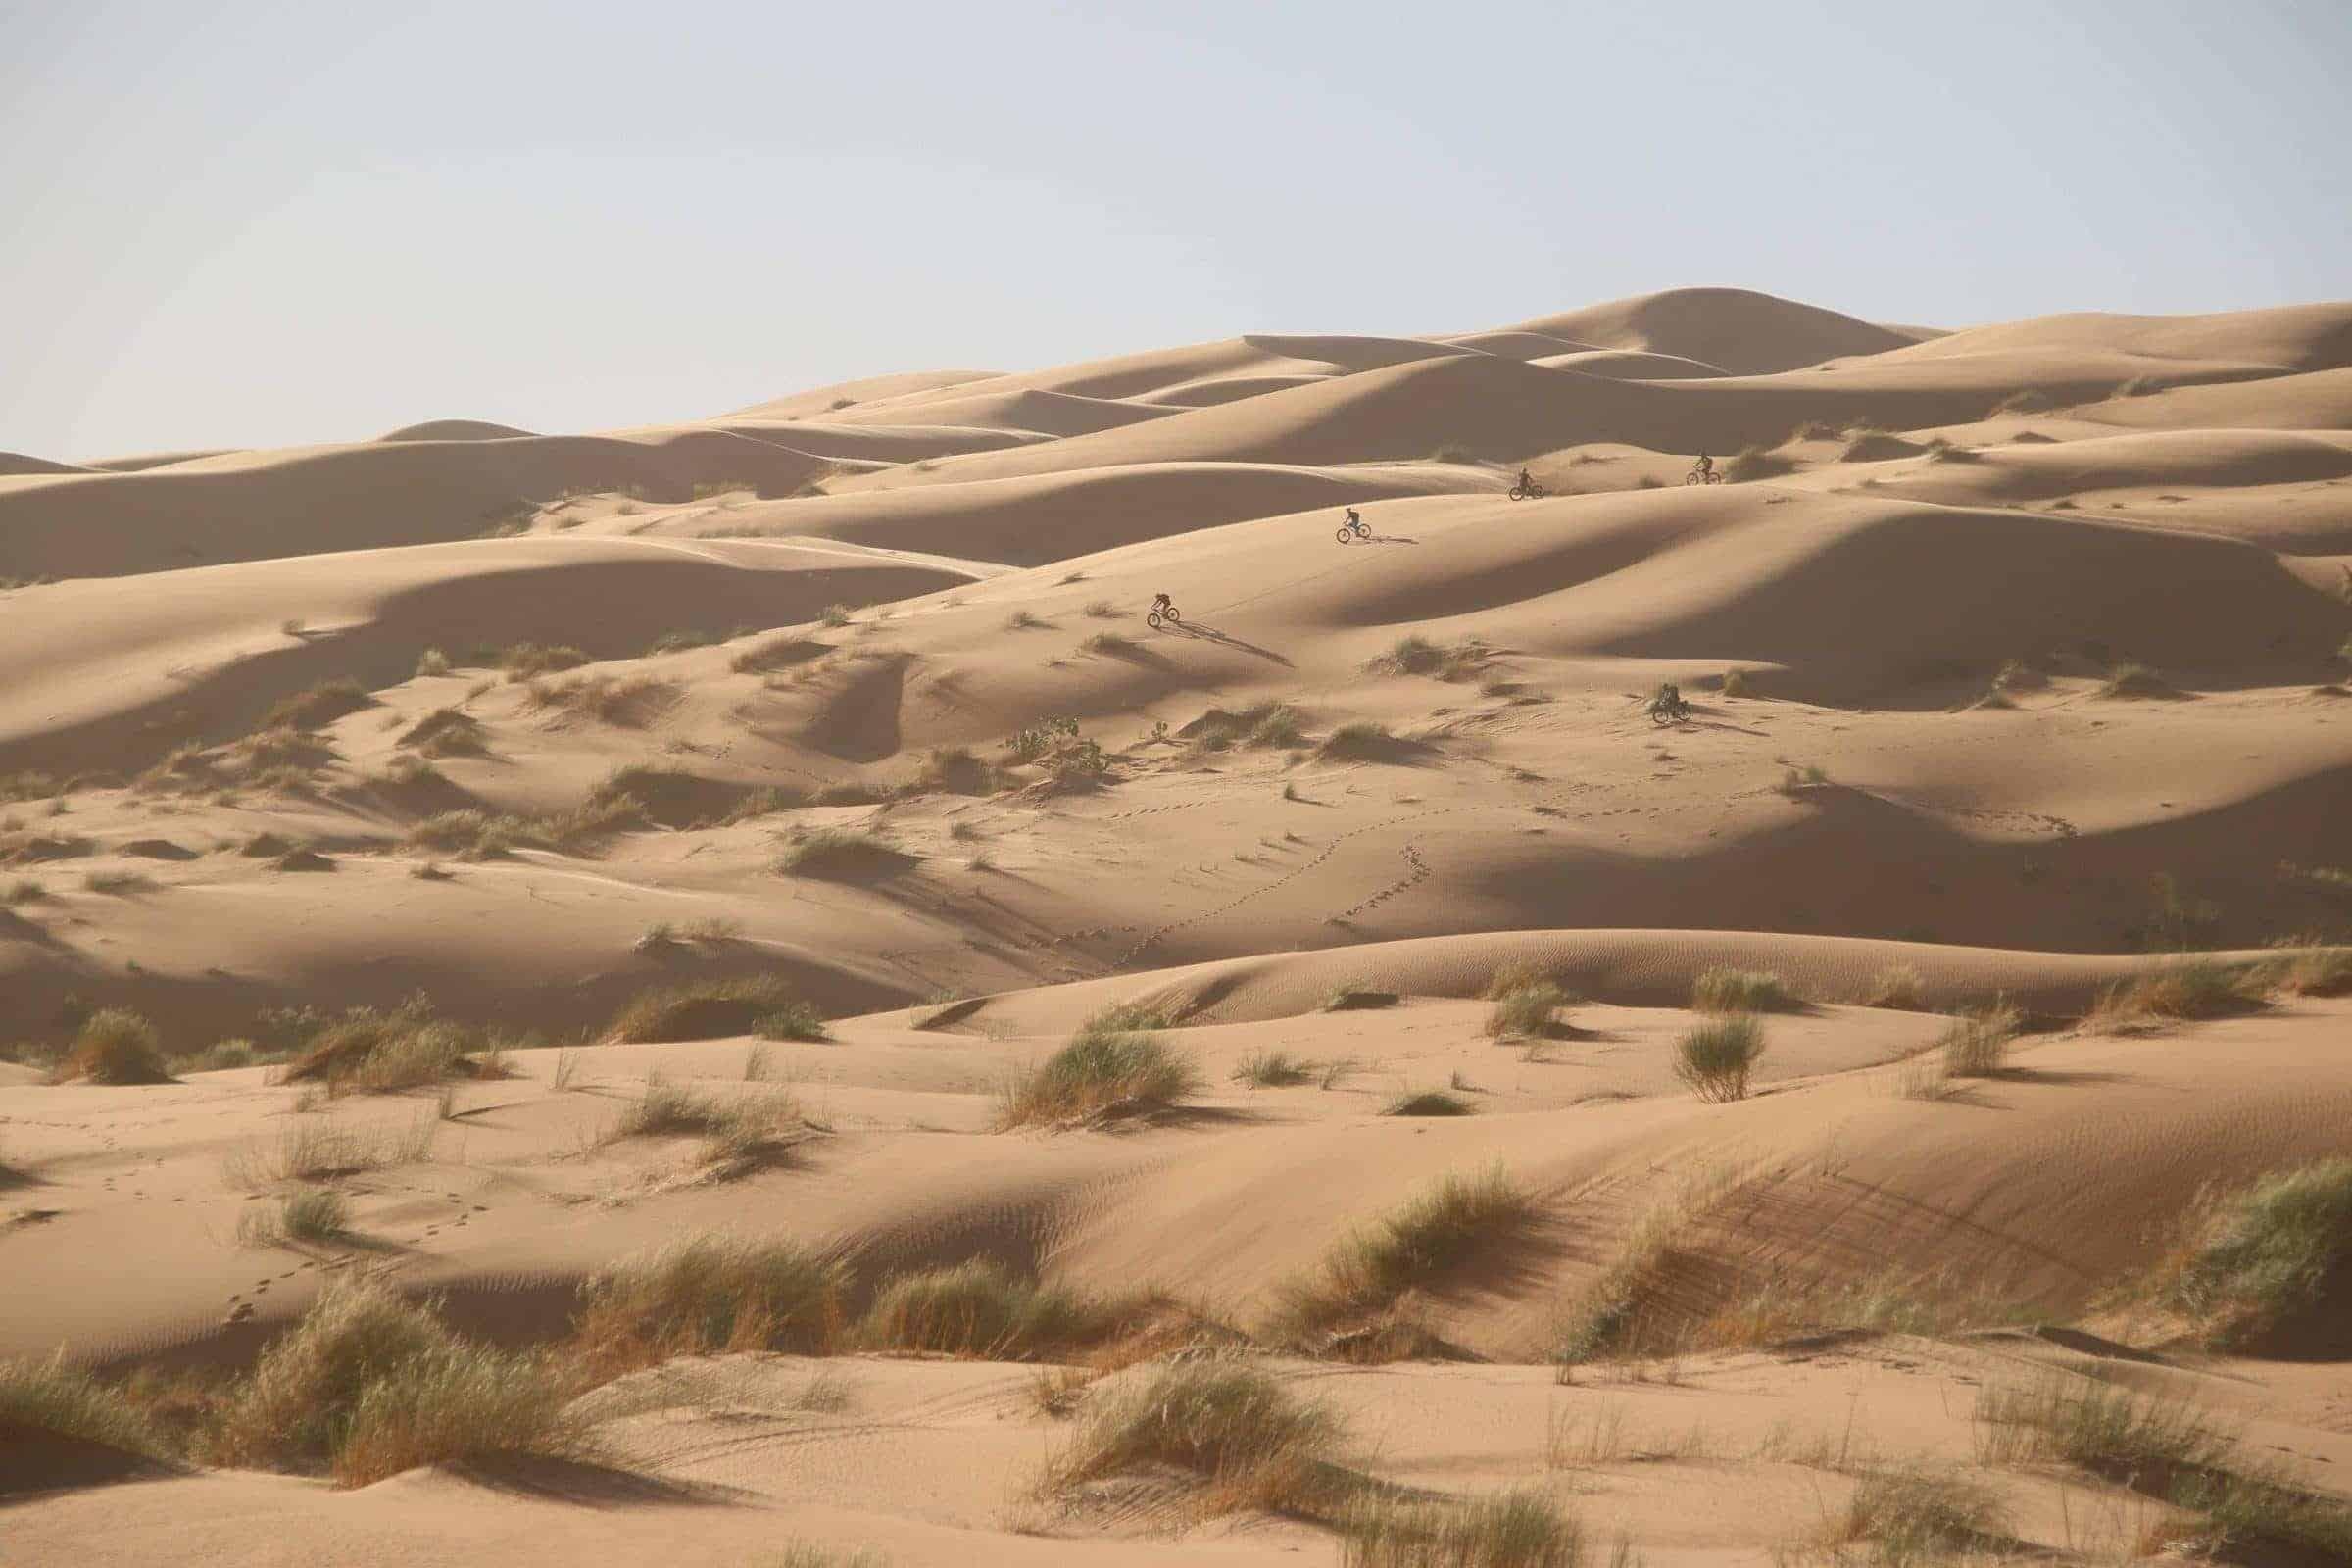 fatbike-descente-dune-geante-raidtransma